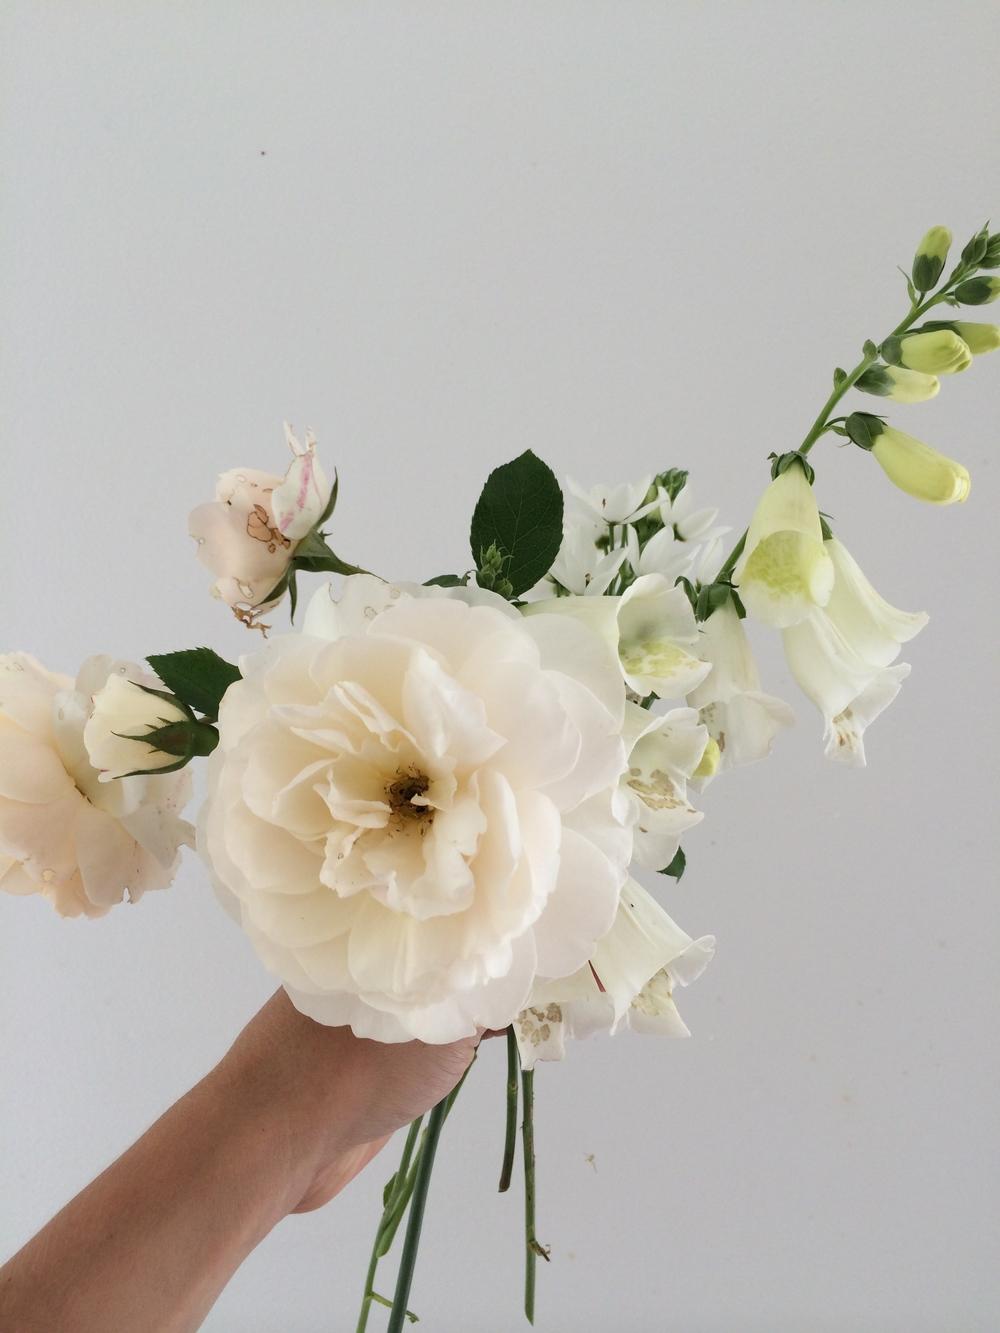 Rose, Foxglove